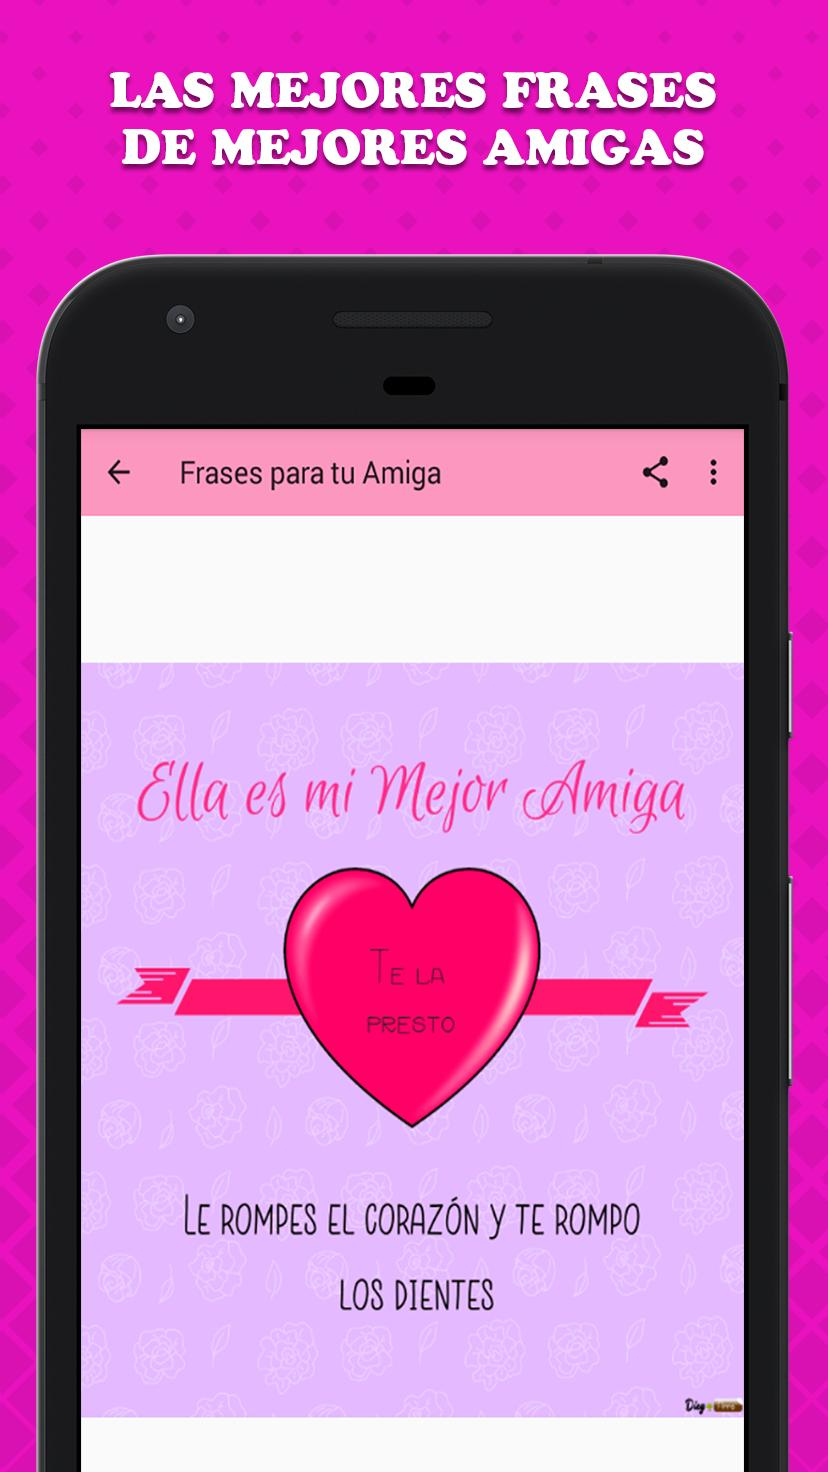 Imagenes De Amigas Con Frases For Android Apk Download